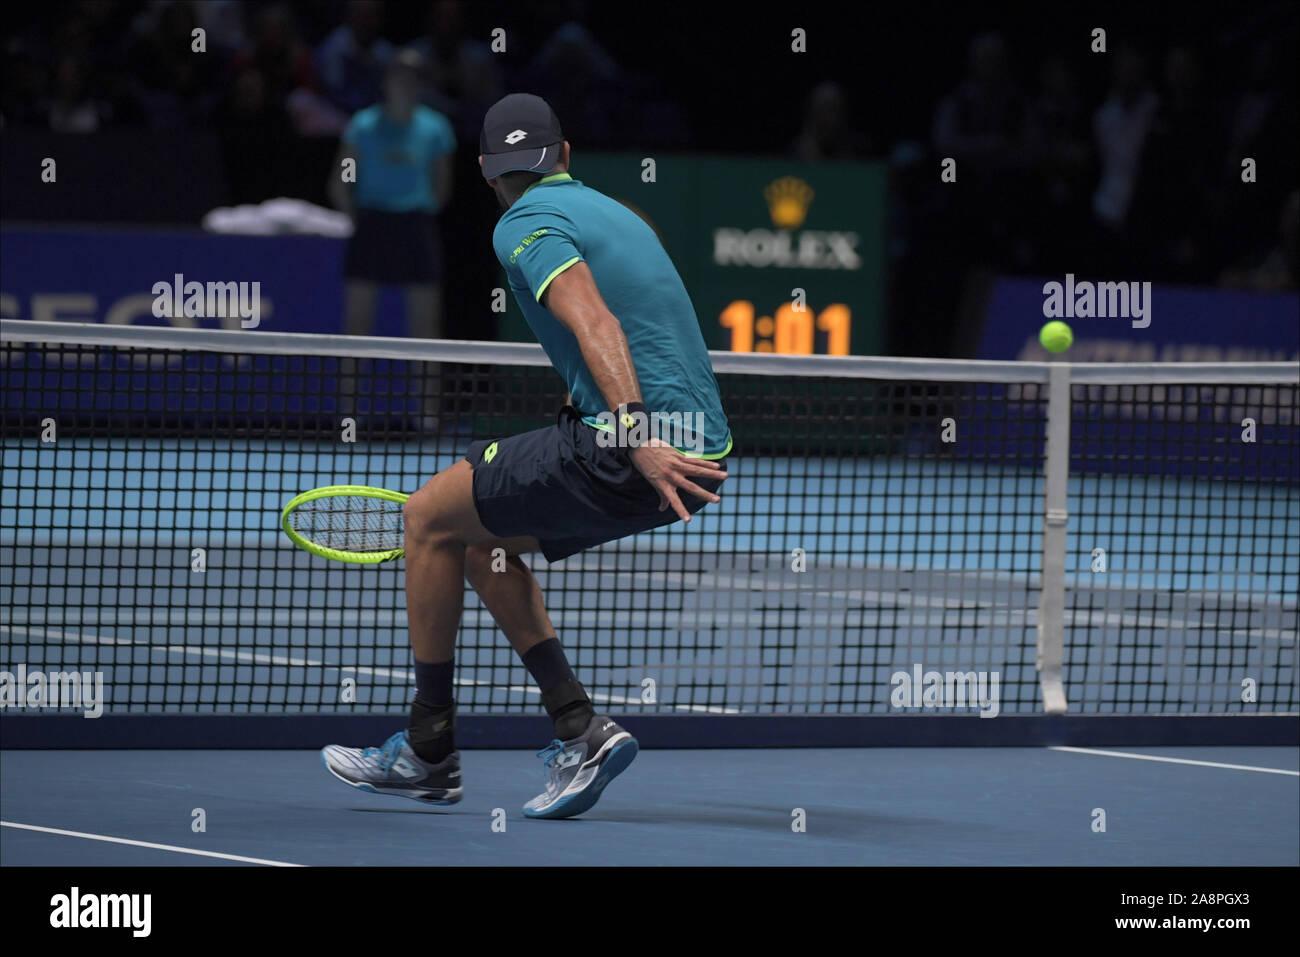 Londres, Italia. 10 Nov, 2019. berettini durante Nitto finales ATP - Tenis Internationals - Crédito: LPS/Roberto Zanettin/Alamy Live News Foto de stock